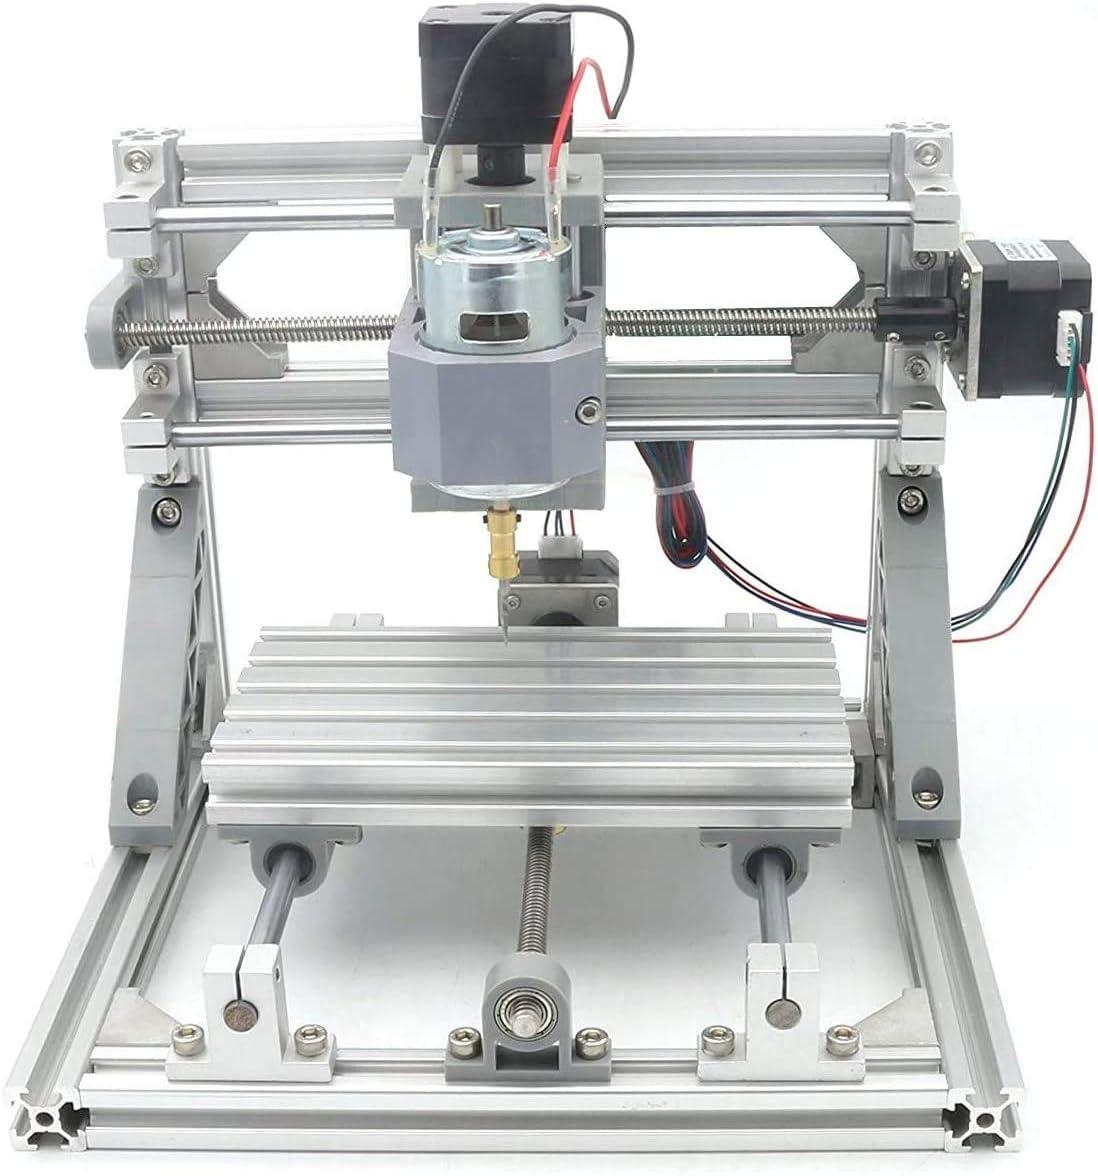 3 Axis GRBL Control DIY Mini CNC 1610 CNC Carving Milling ...